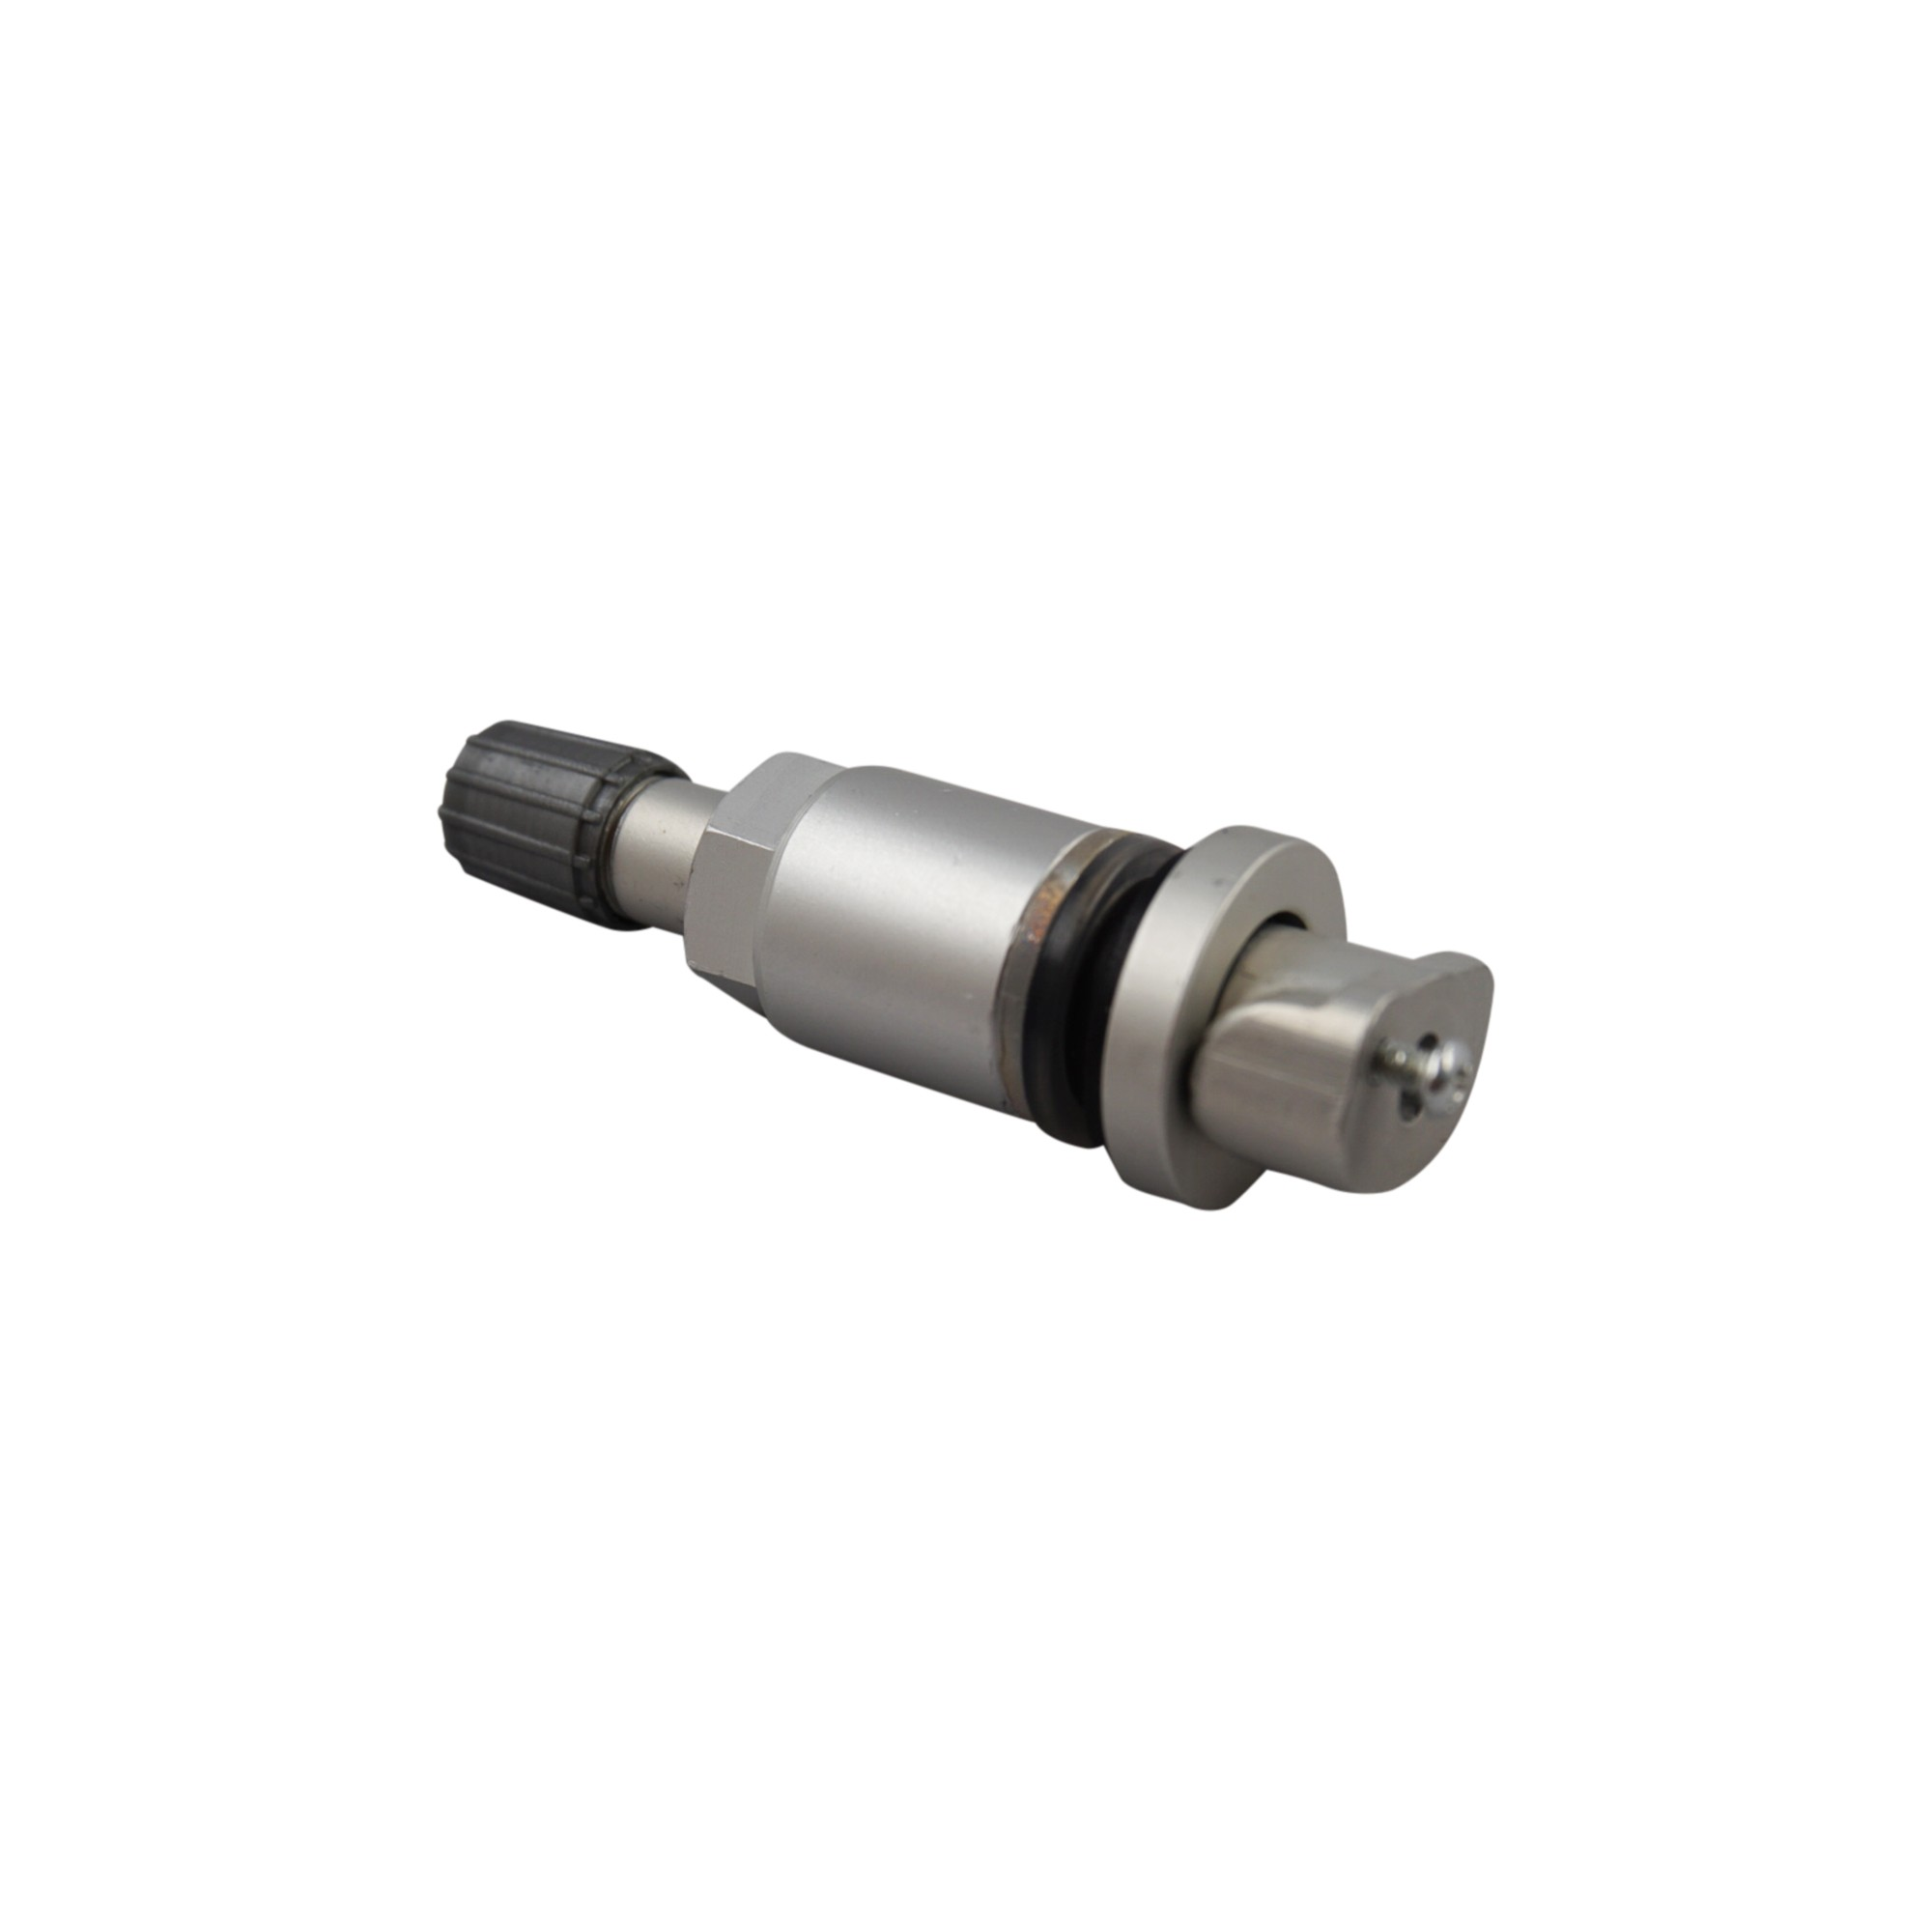 Lote x5 piezas Recambio Valvula Sistema Presión Neumático Peugeot 207 307 407 60